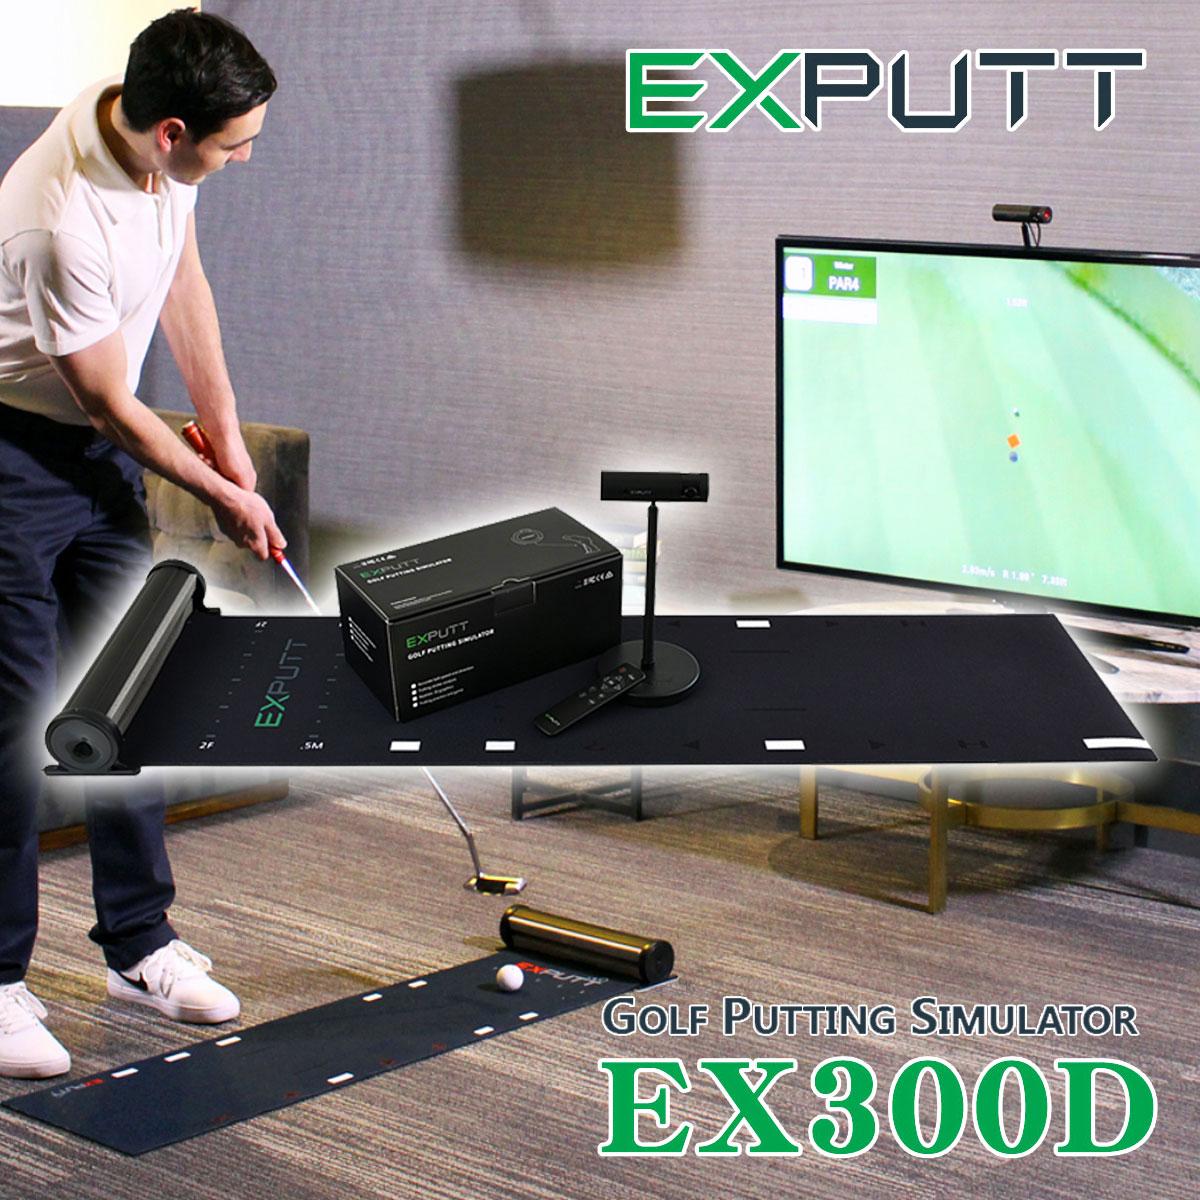 卸直営 防音性能も高く騒音が気になりません メーカー公式ショップ GPRO日本正規品 家庭用スクリーンパッティングシミュレーター EXPUTT ゴルフパター練習用品 あす楽対応 イーエックスパット EX300D